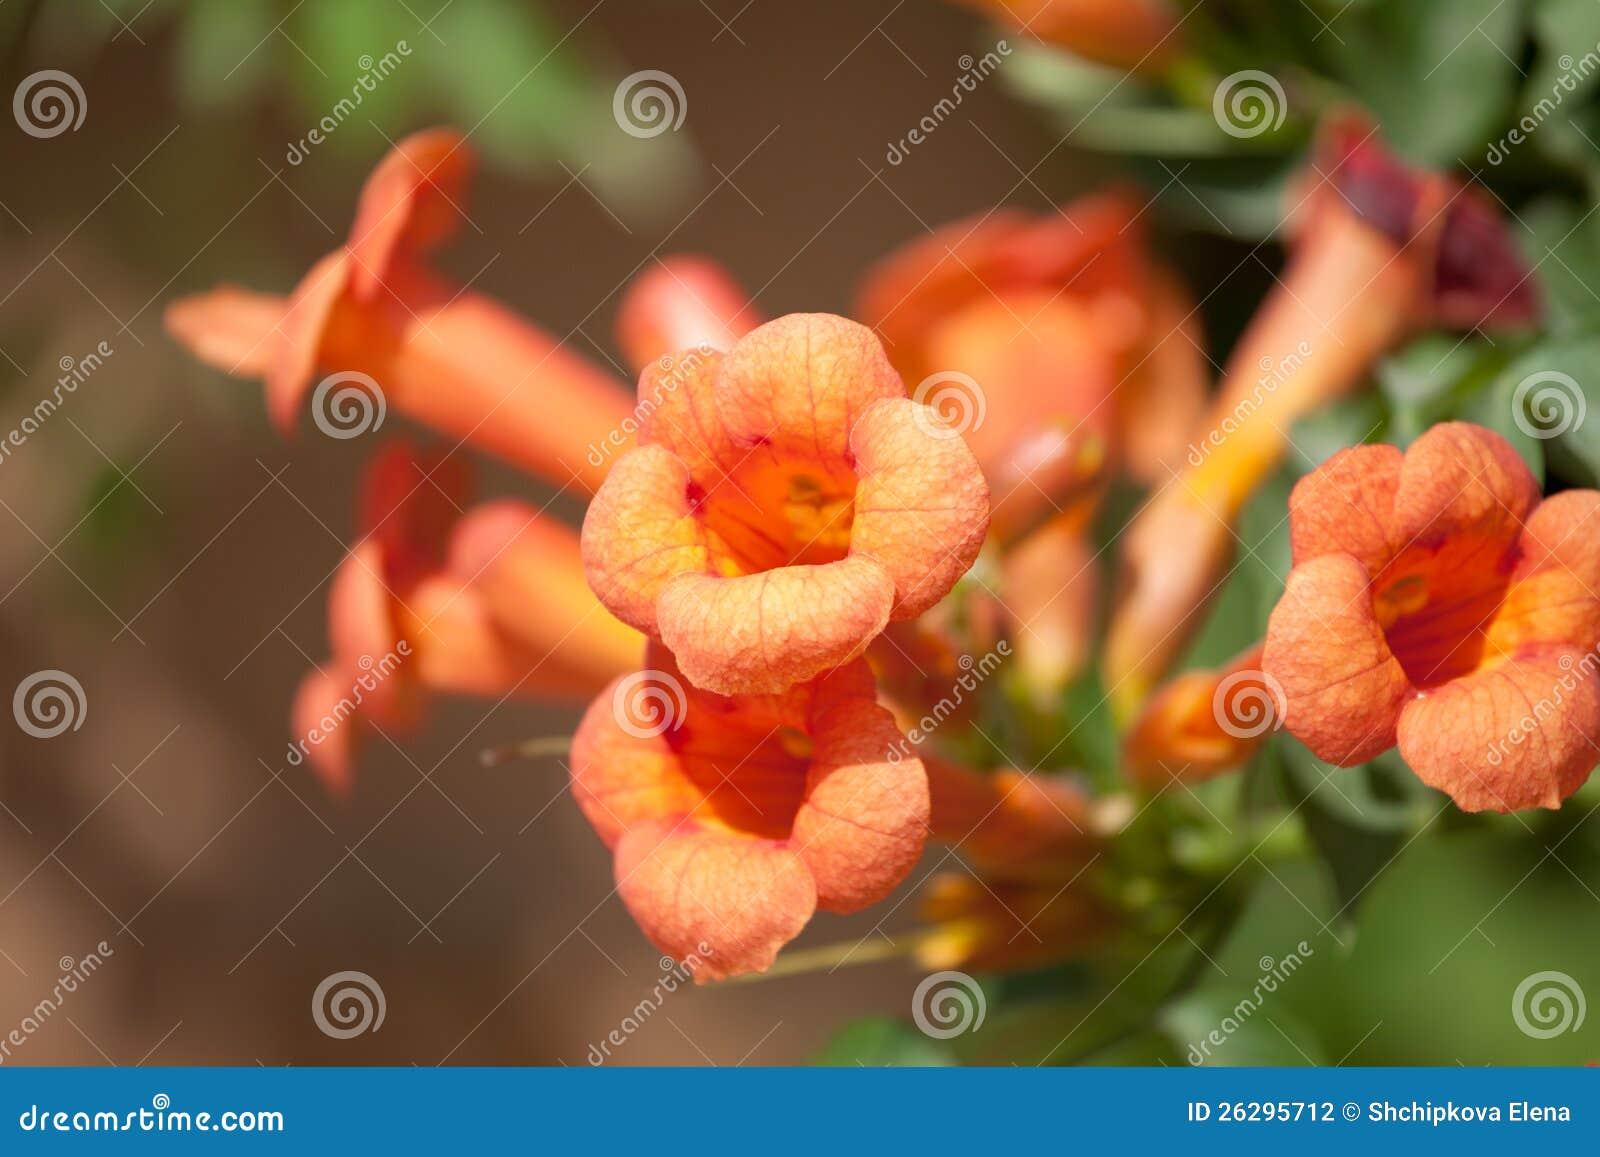 Fleurs De Vigne De Trompette Photo stock - Image du ...